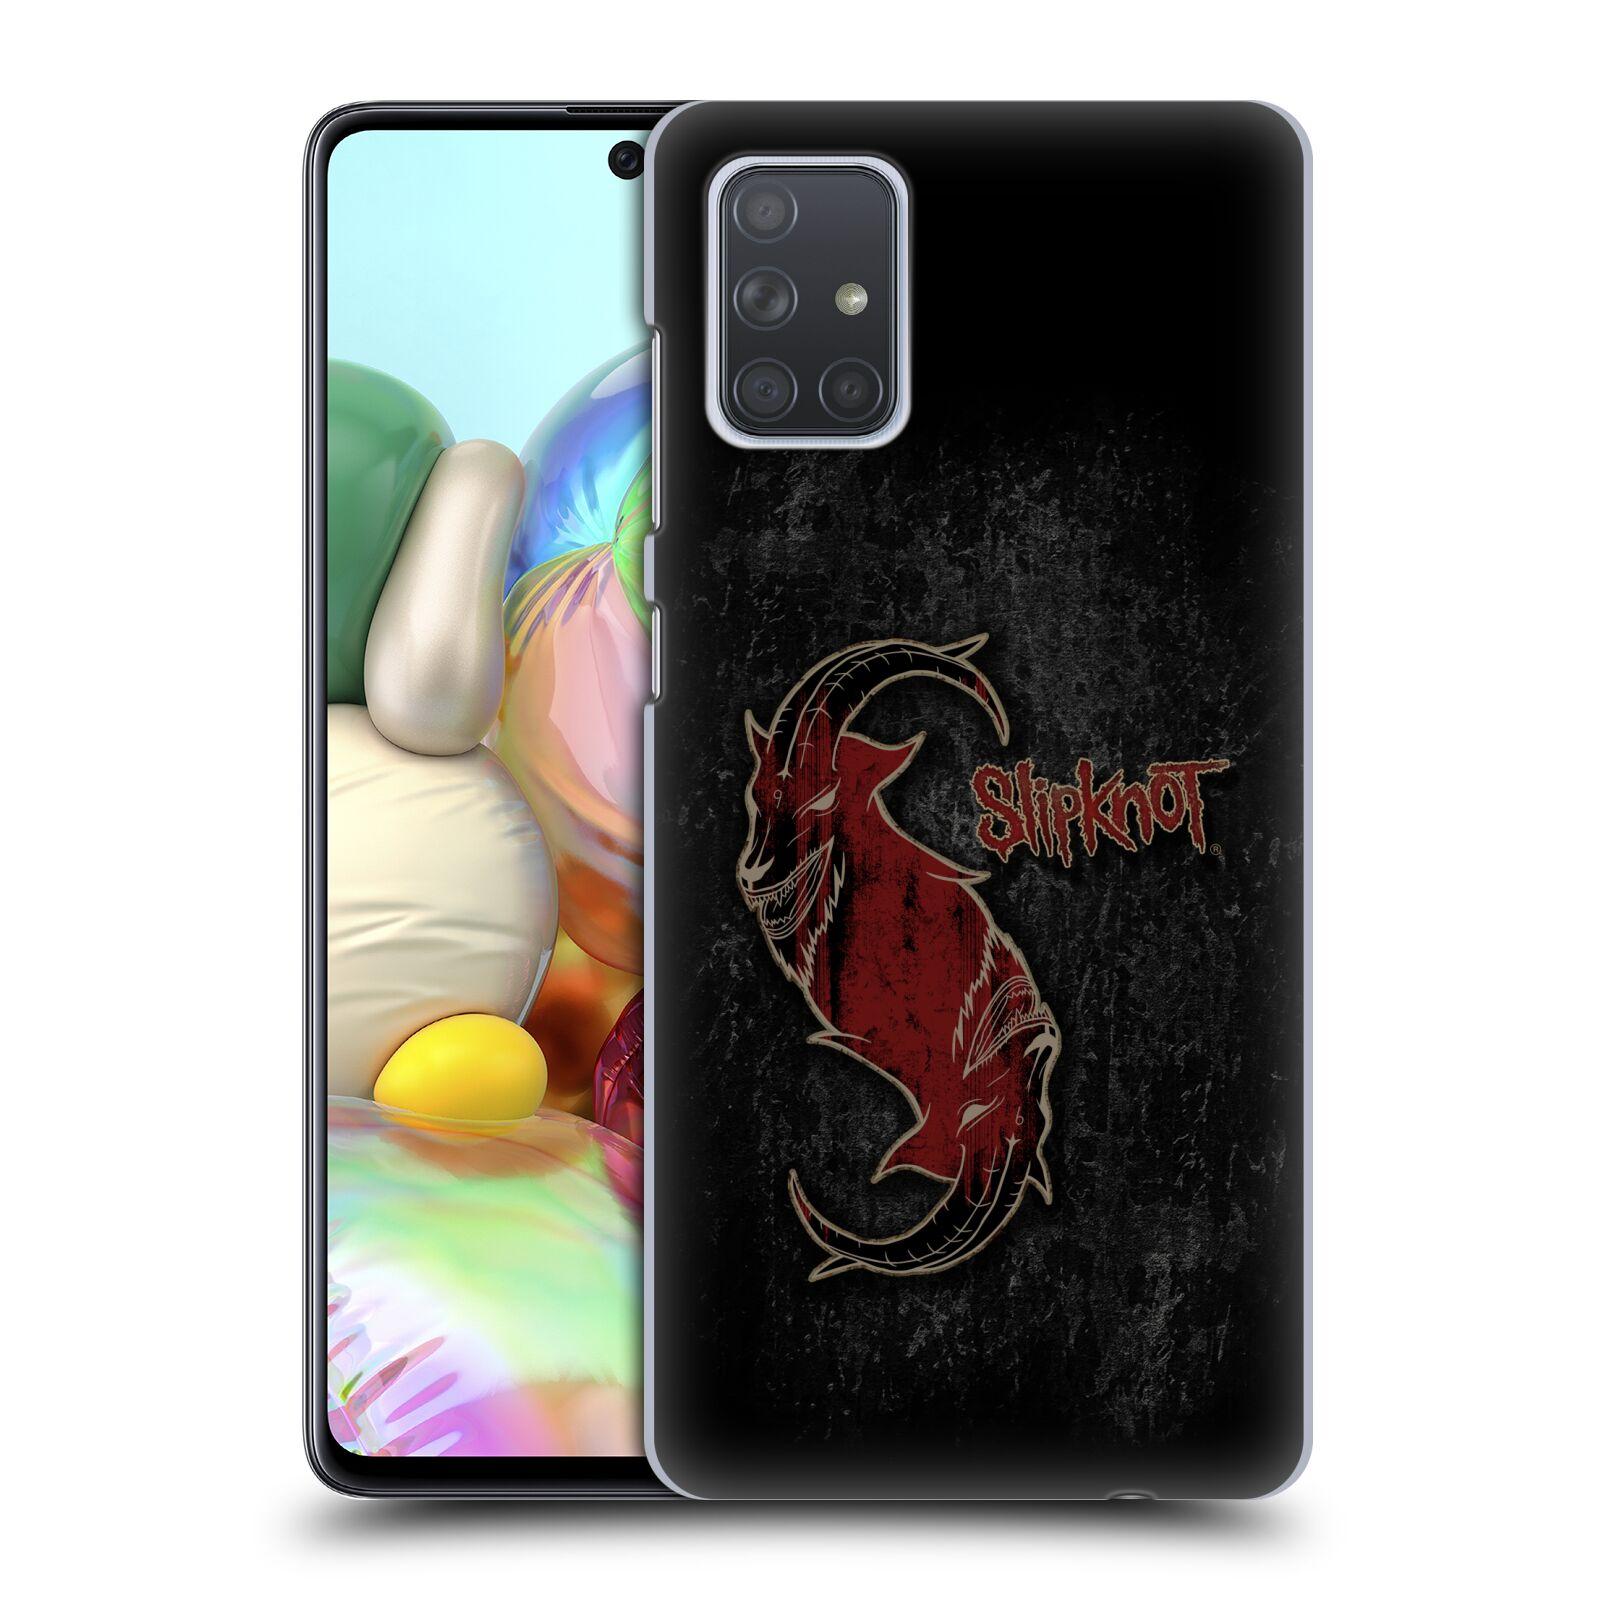 Plastové pouzdro na mobil Samsung Galaxy A71 - Head Case - Slipknot - Rudý kozel